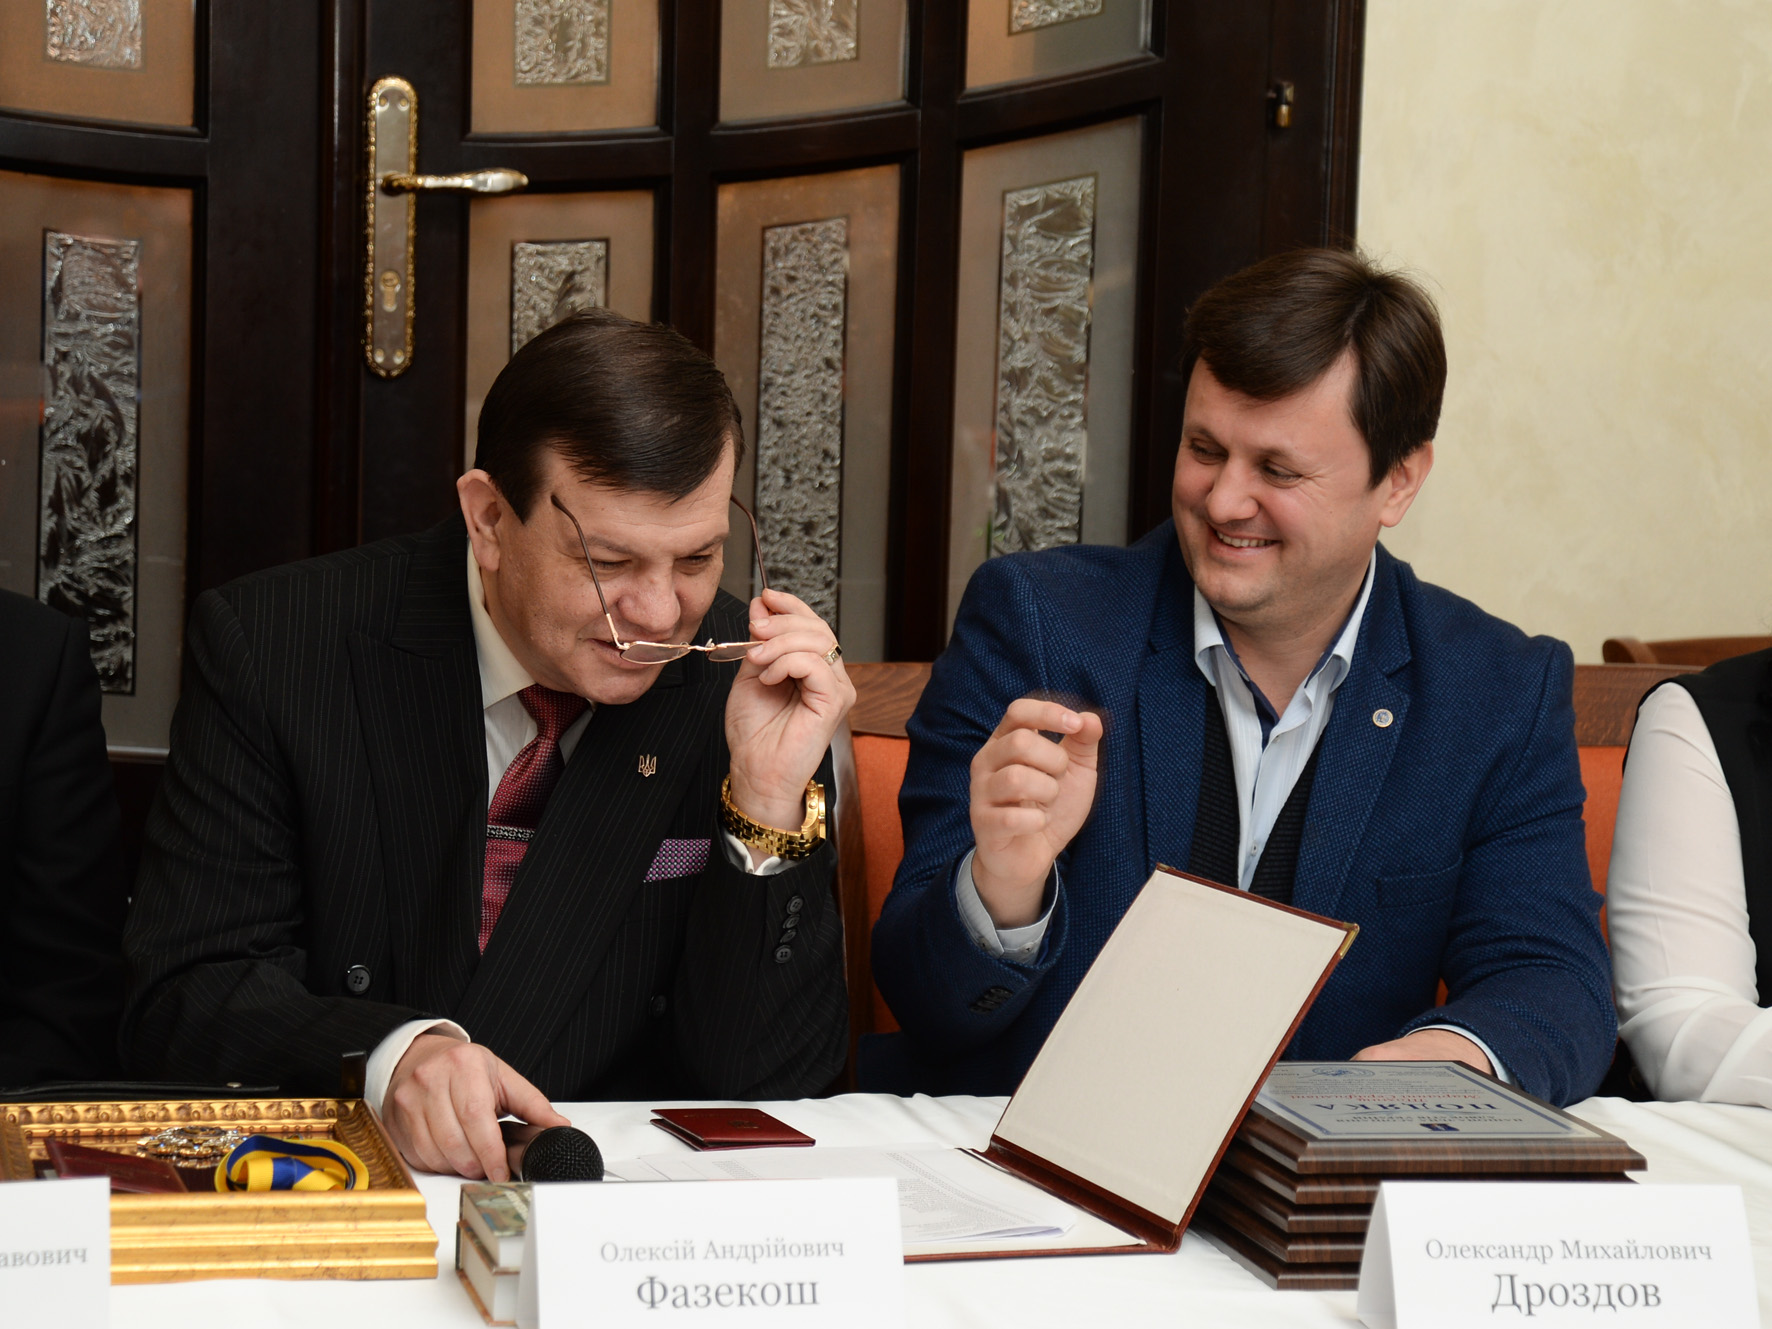 Синергія захисту, або як Олексій Фазекош та Олександр Дроздов домовились про співпрацю на шляху розбудови Правової держави (Відео)